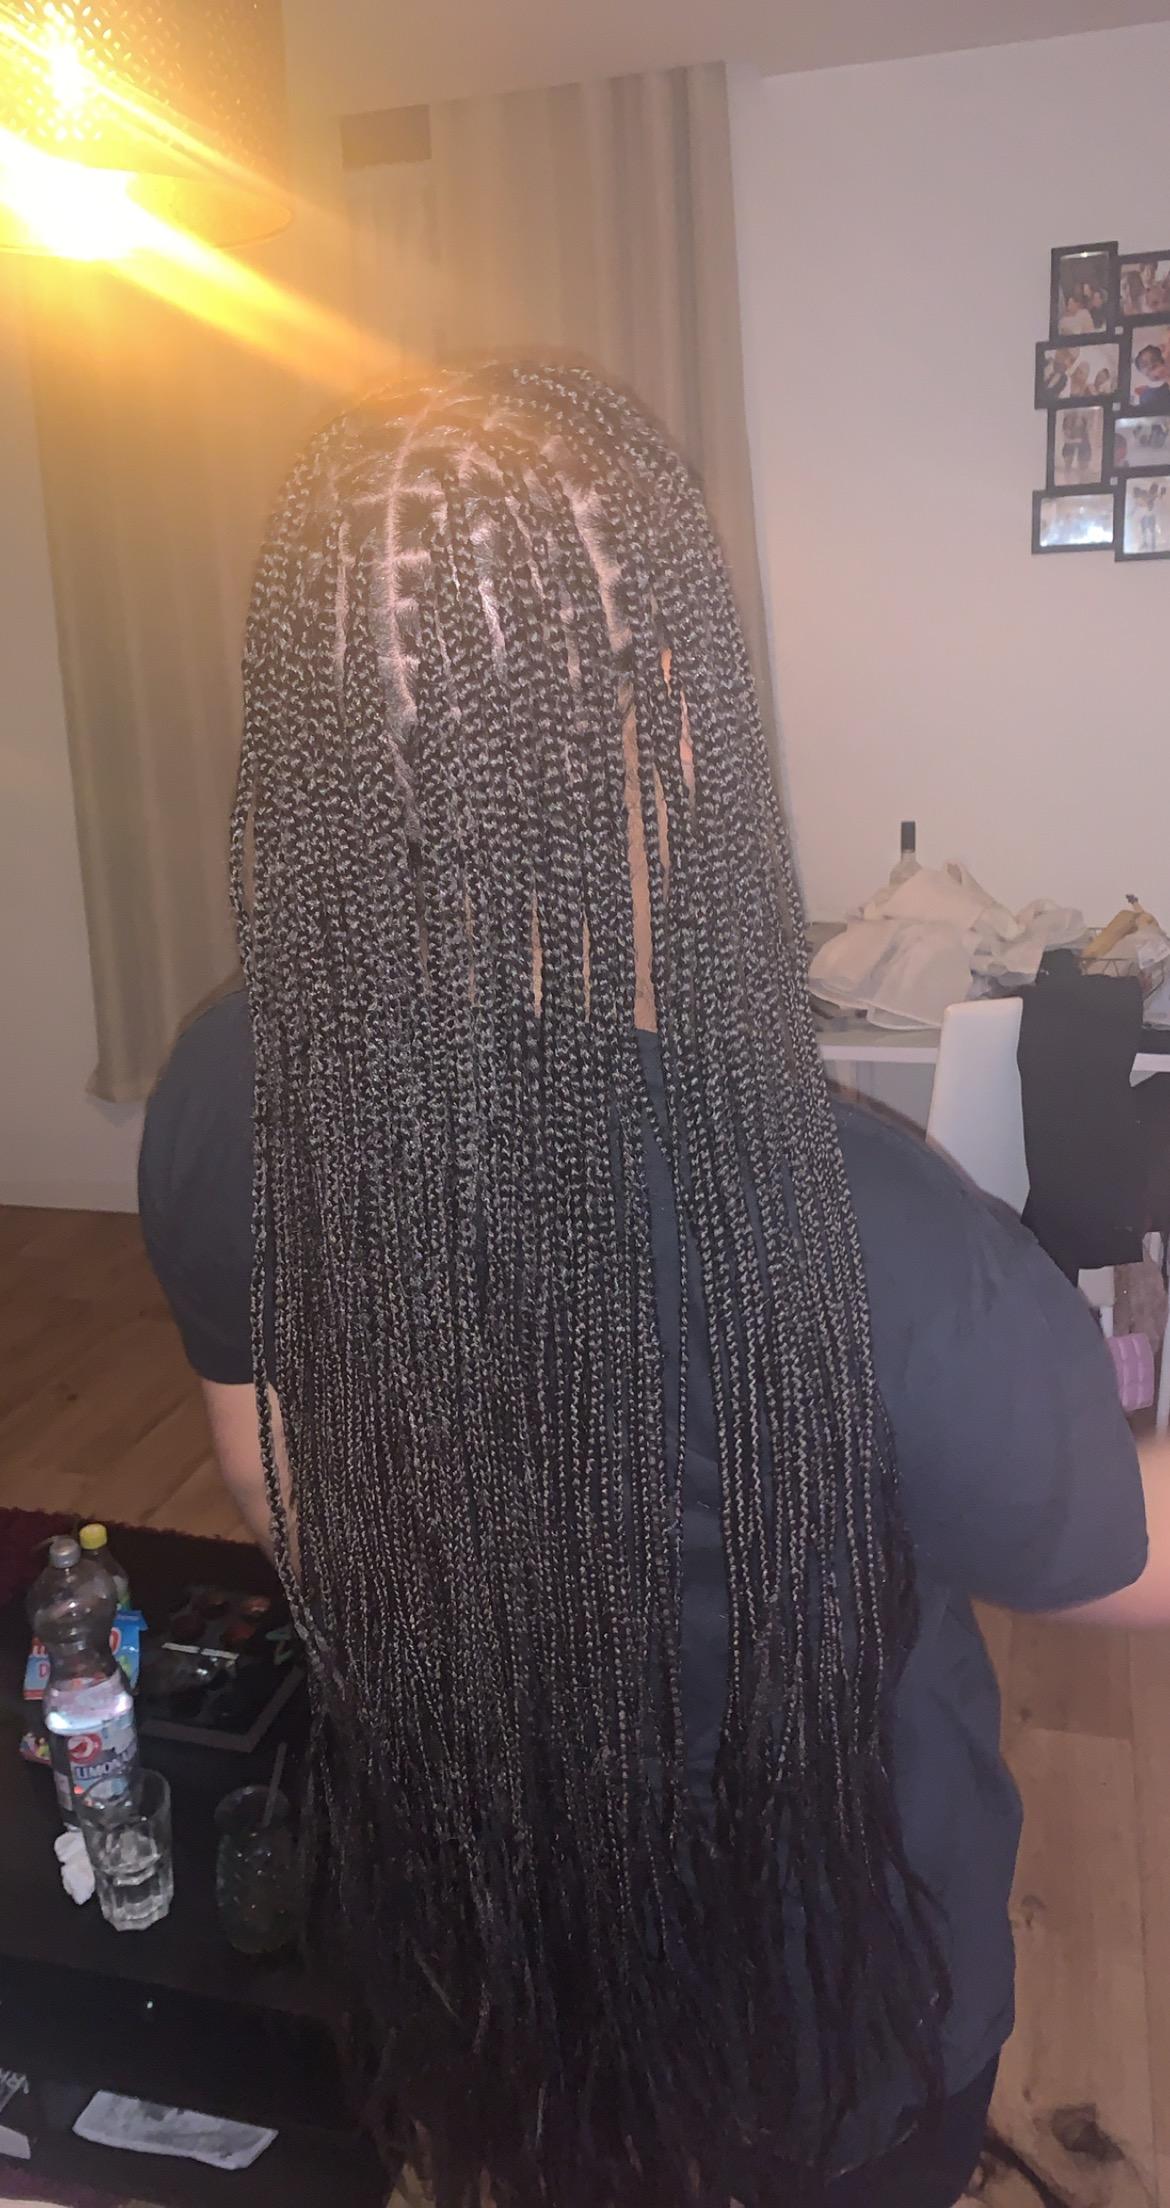 salon de coiffure afro tresse tresses box braids crochet braids vanilles tissages paris 75 77 78 91 92 93 94 95 DNWTEAJB